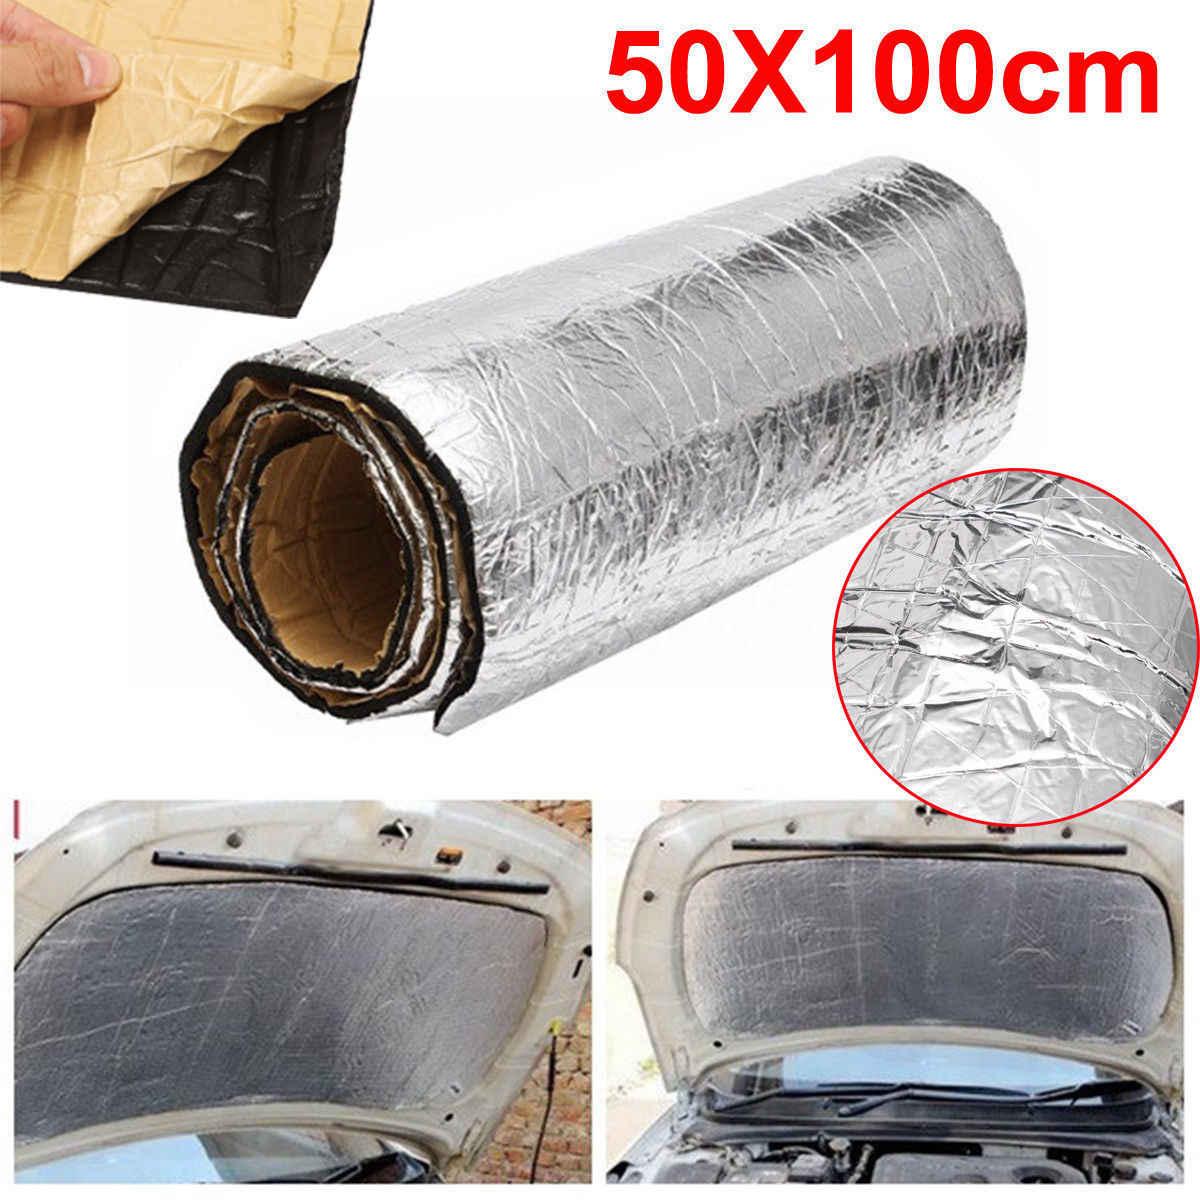 50*100*5 Mmroll Mobil Kedap Suara Mematikan Motor Van Isolasi Tertutup Busa